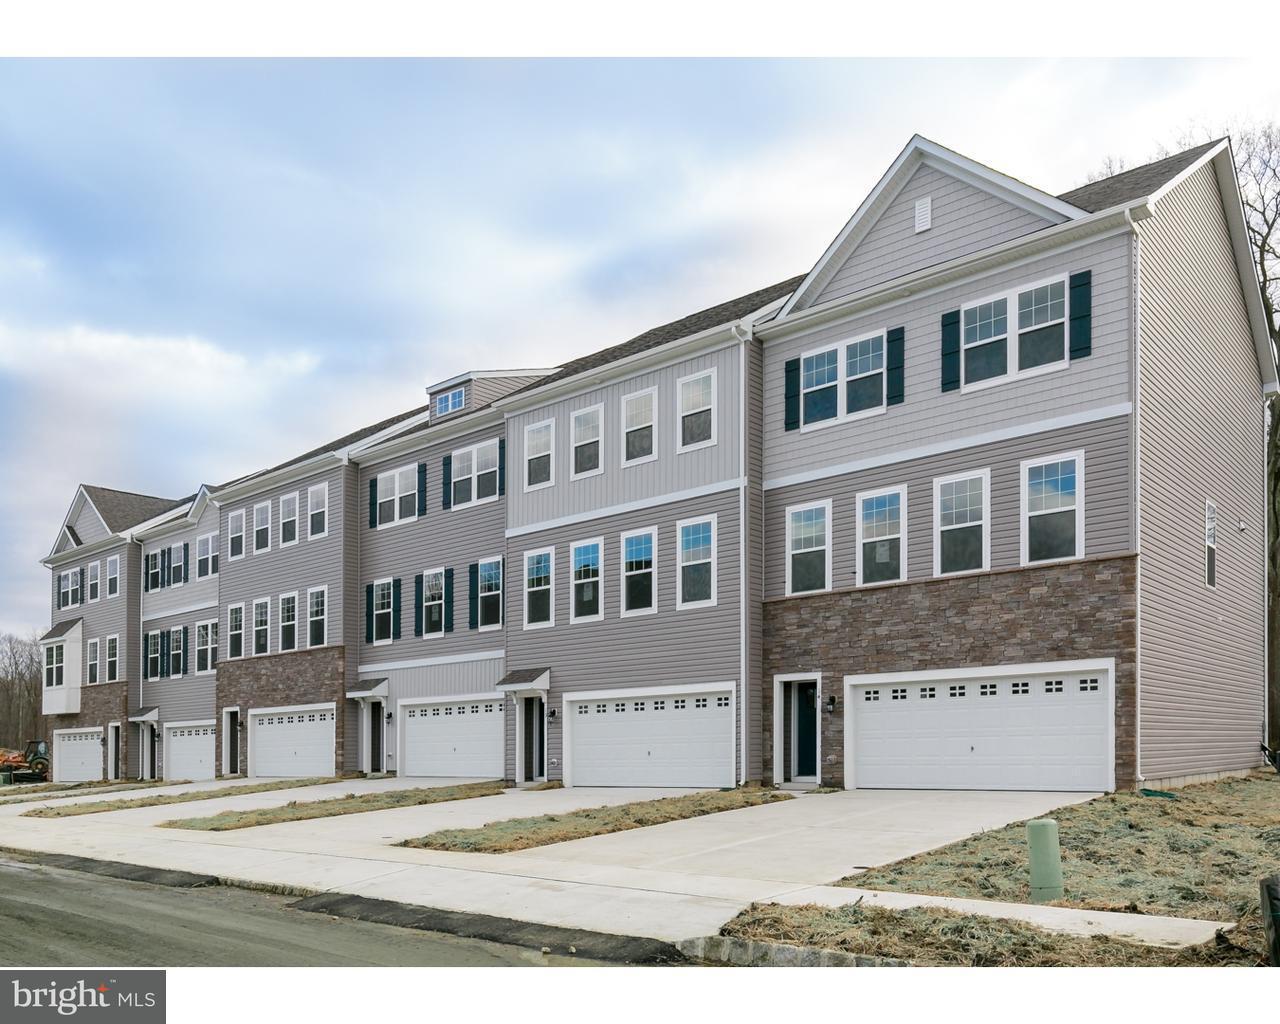 Maison unifamiliale pour l Vente à 40 SULLIVAN WAY Marlton, New Jersey 08053 États-Unis